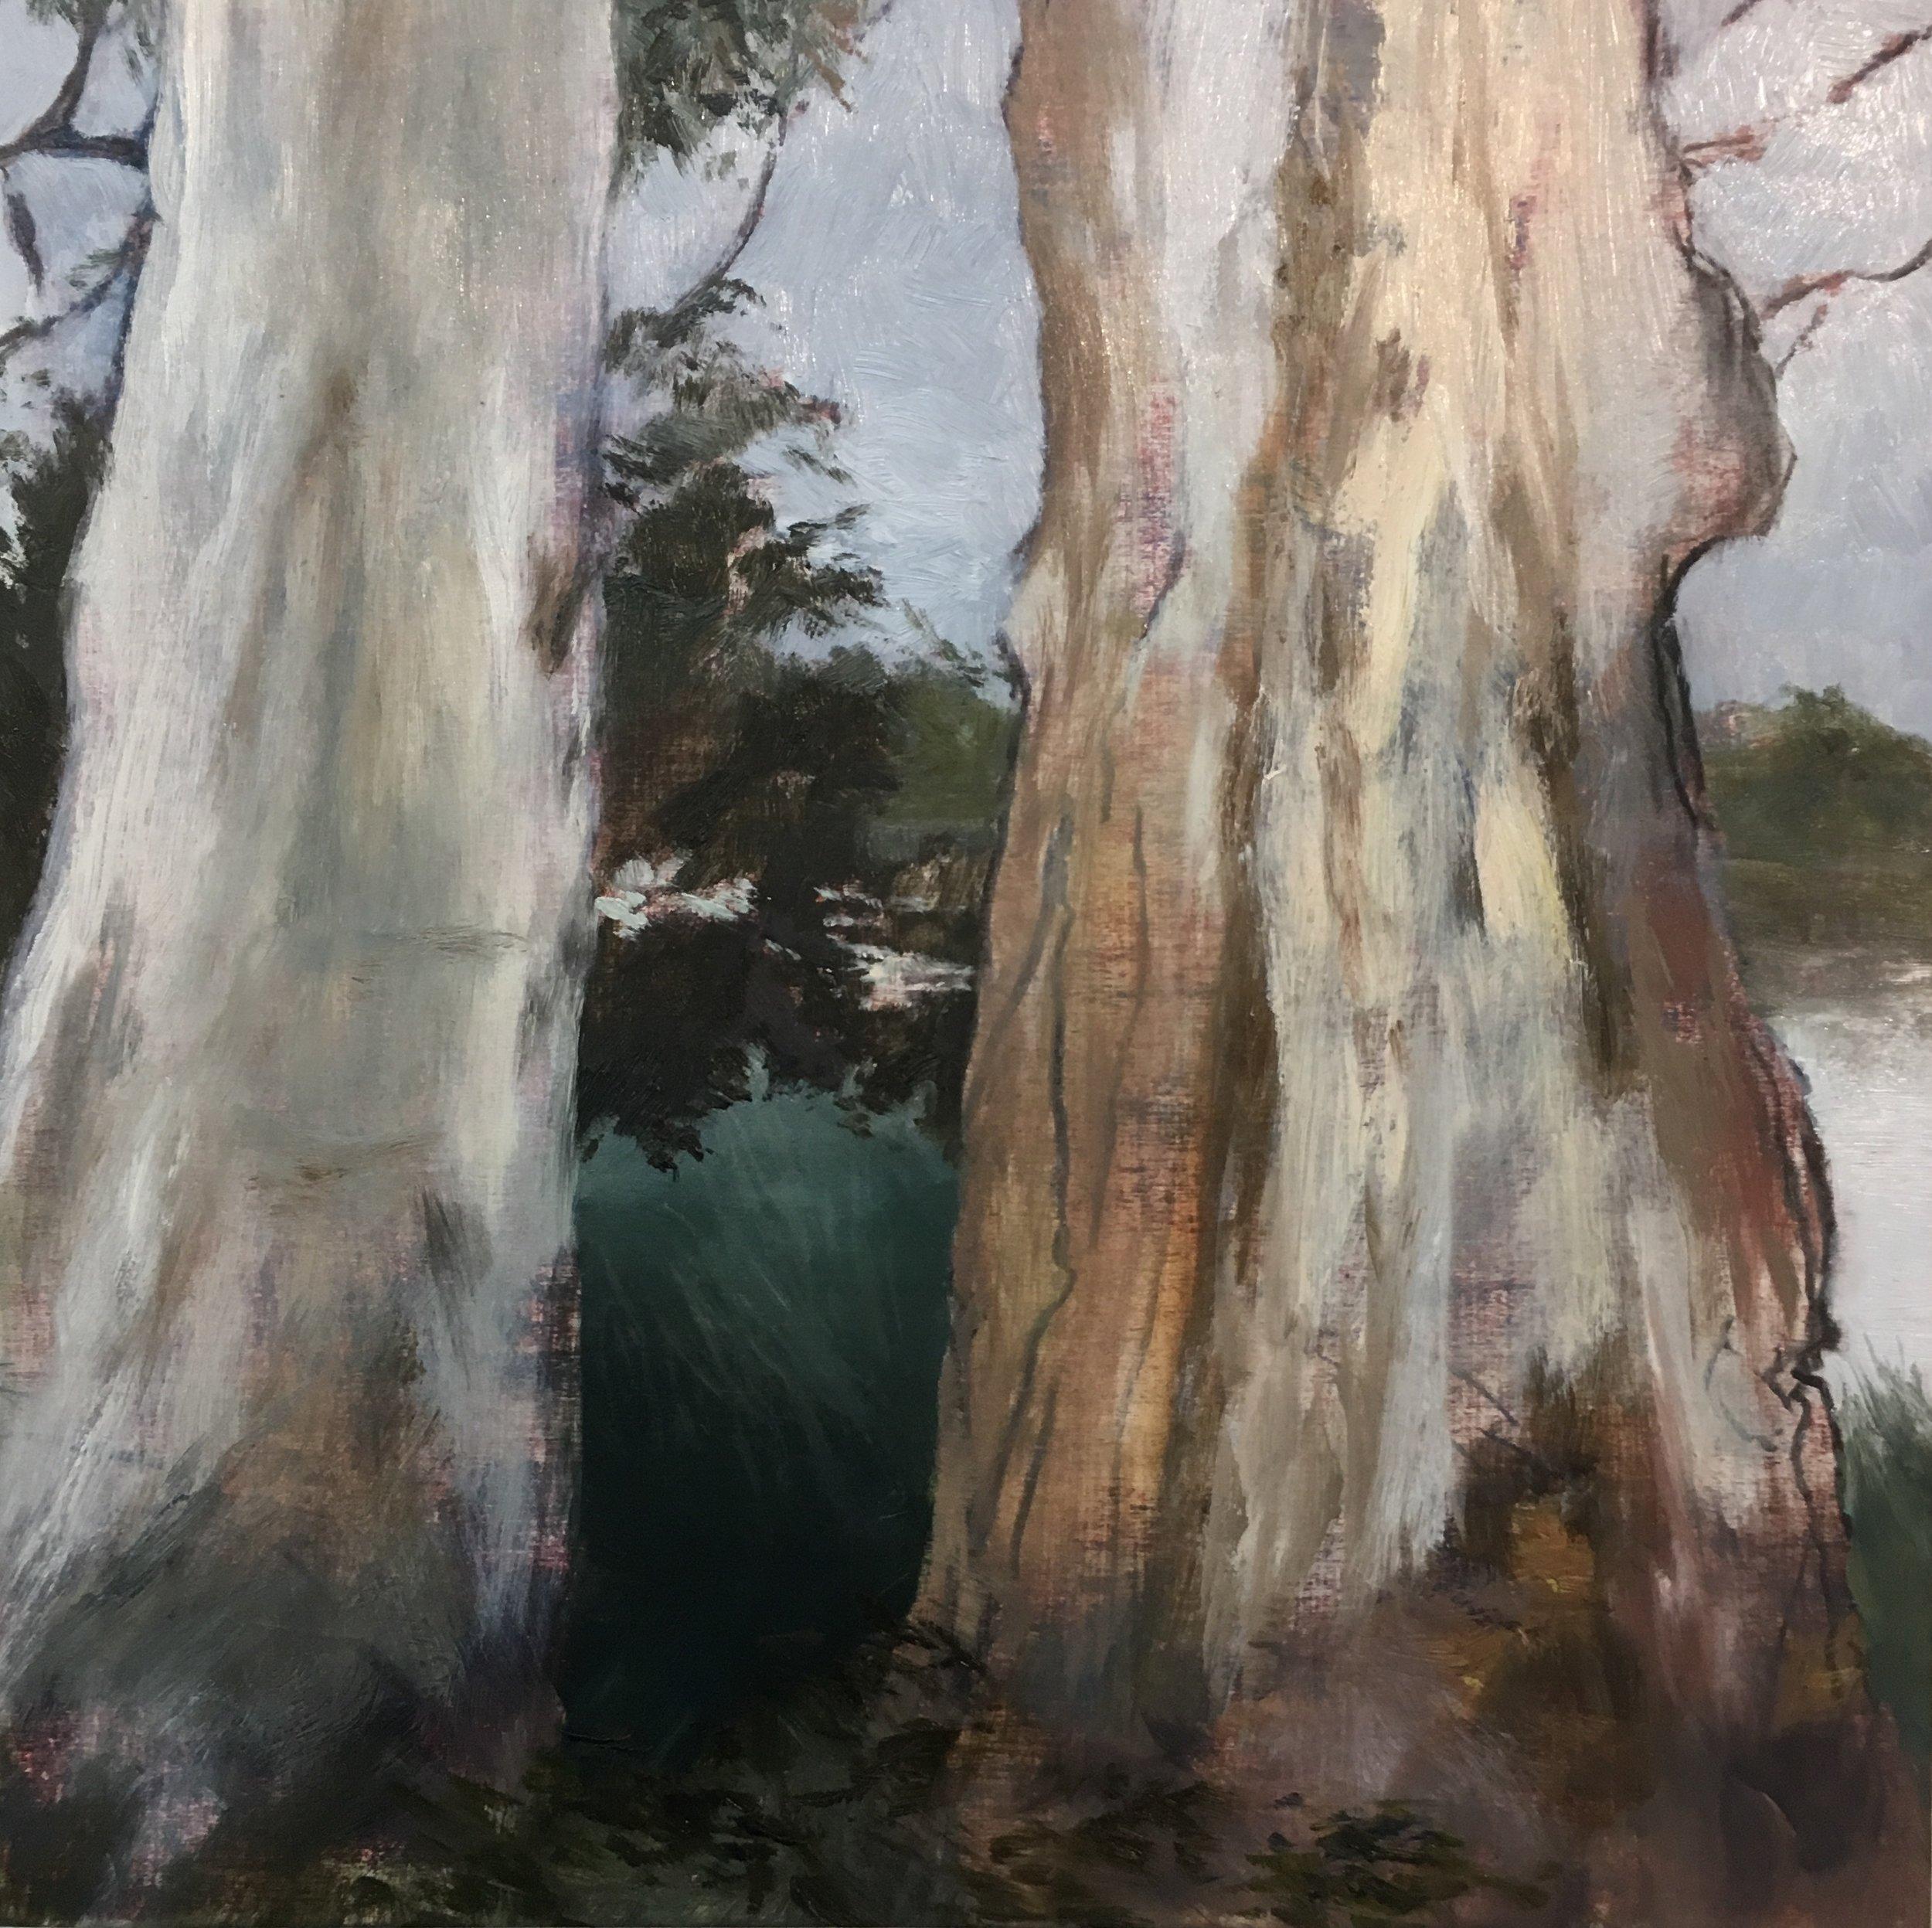 Lagoon Sentinels I, Oil on board, 30 x 30cm, $880